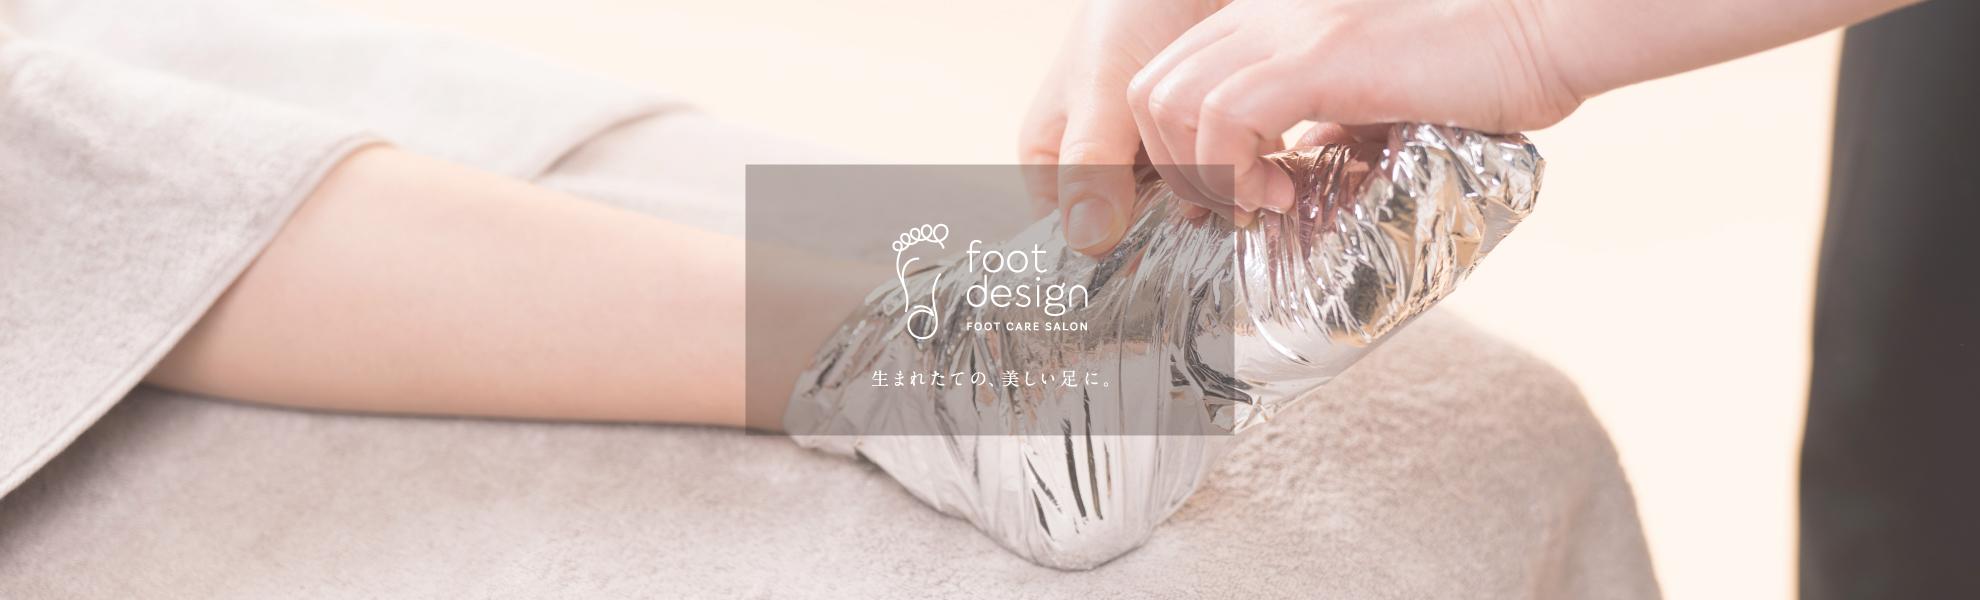 FOOT DESIGN フットデザイン イメージ2